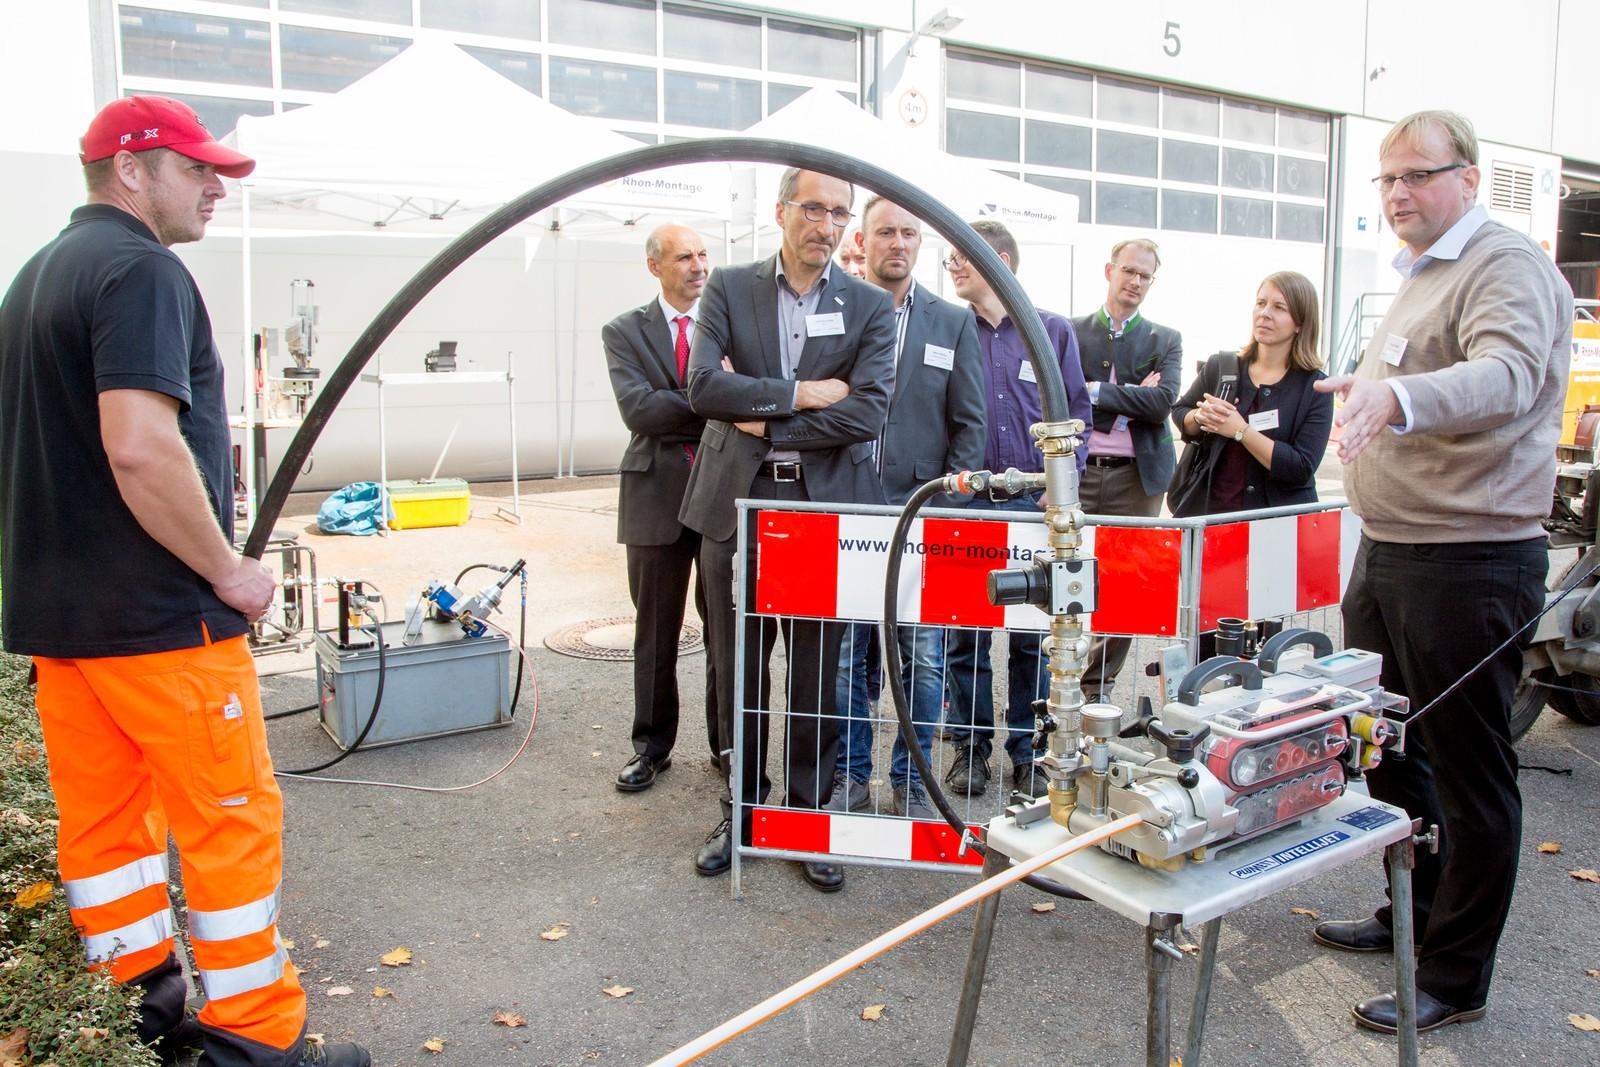 Frank Schwill von der Firma Rhön-Montage Fernmeldebau GmbH zeigt im Rahmen des Breitband-Infrastrukturtages bei Lapp, wie die Hitronic Glasfaserkabel eingeblasen werden.